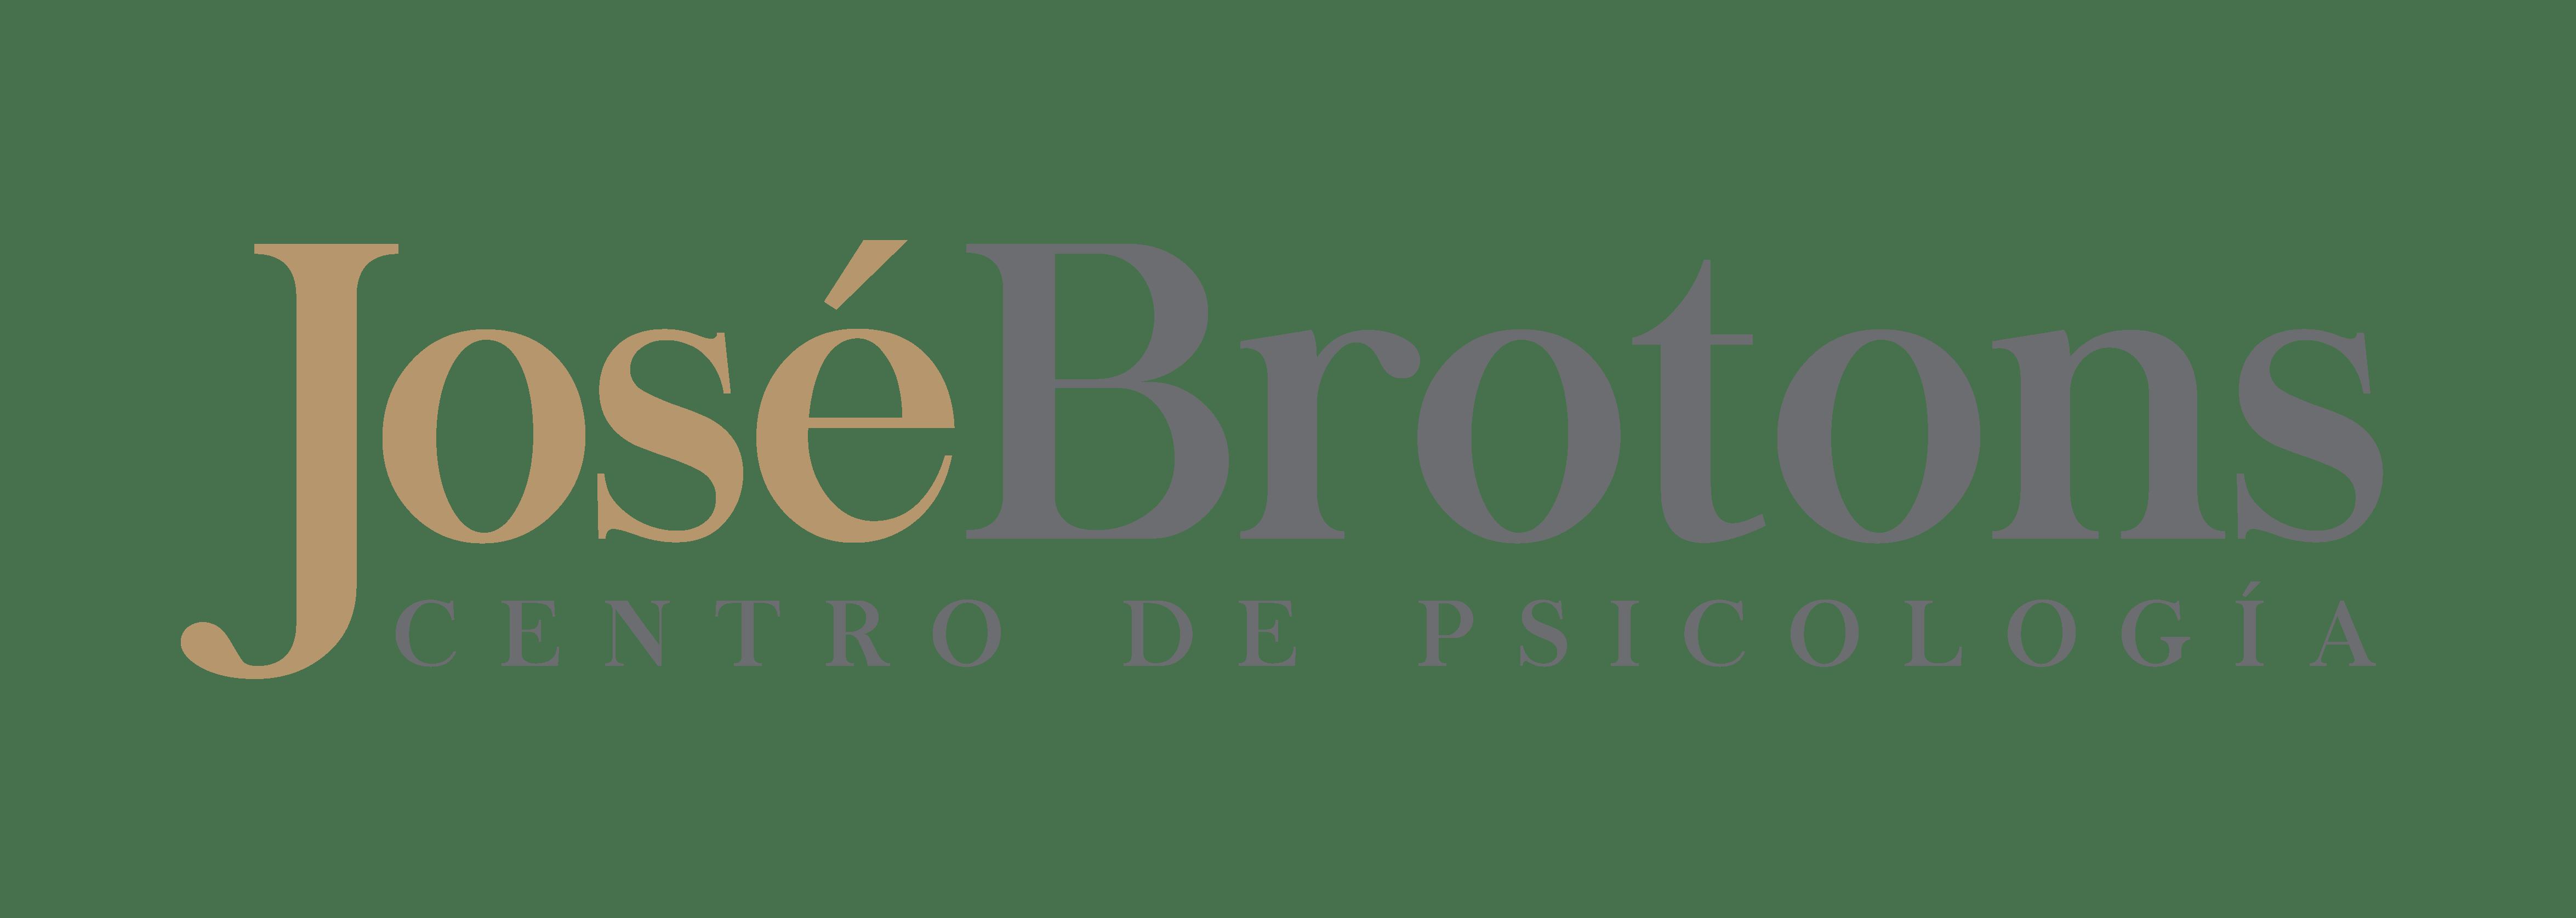 Centro de Psicología José Brotons